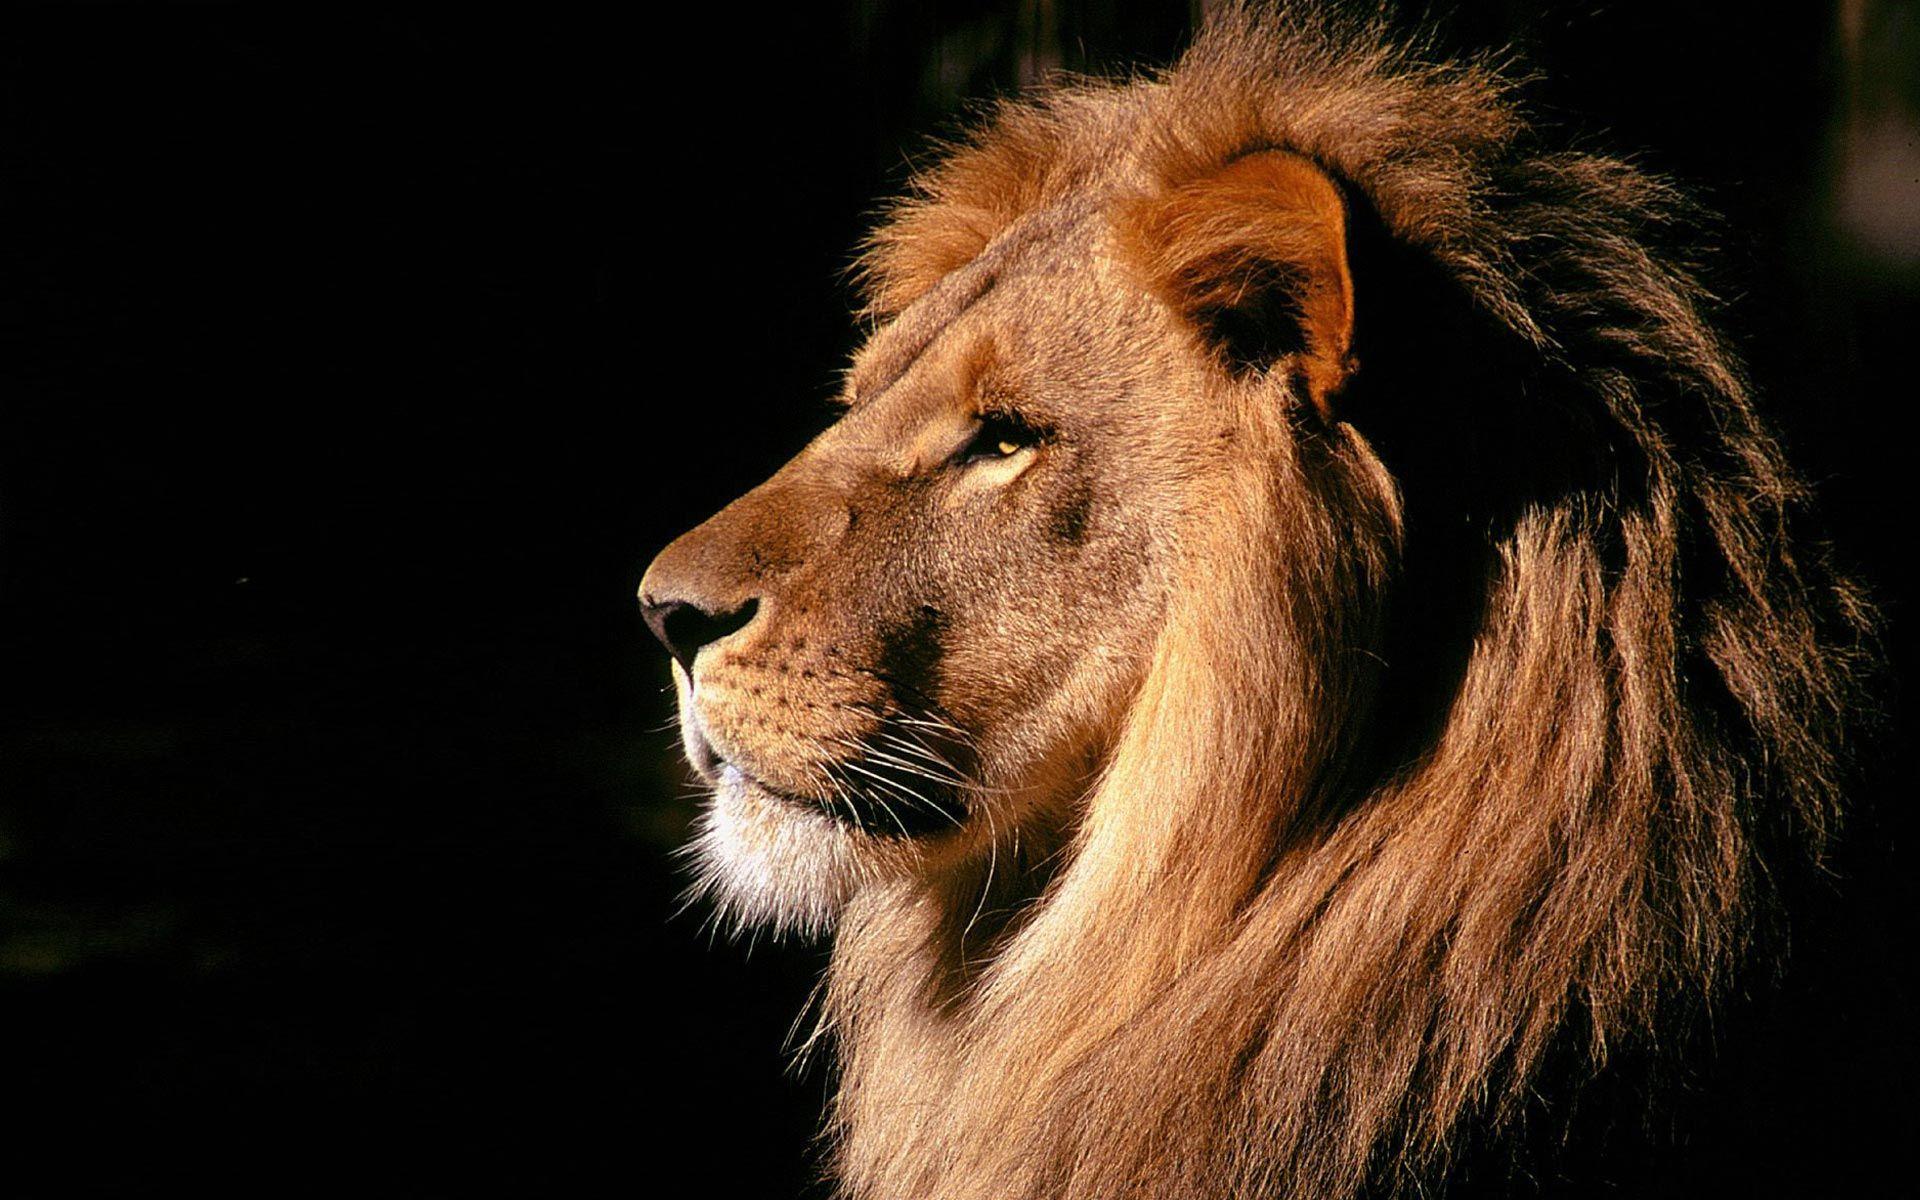 Most Inspiring Wallpaper Macbook Lion - 68d7662e39167aa8ffecd6561041d1fb  Pictures_174863.jpg